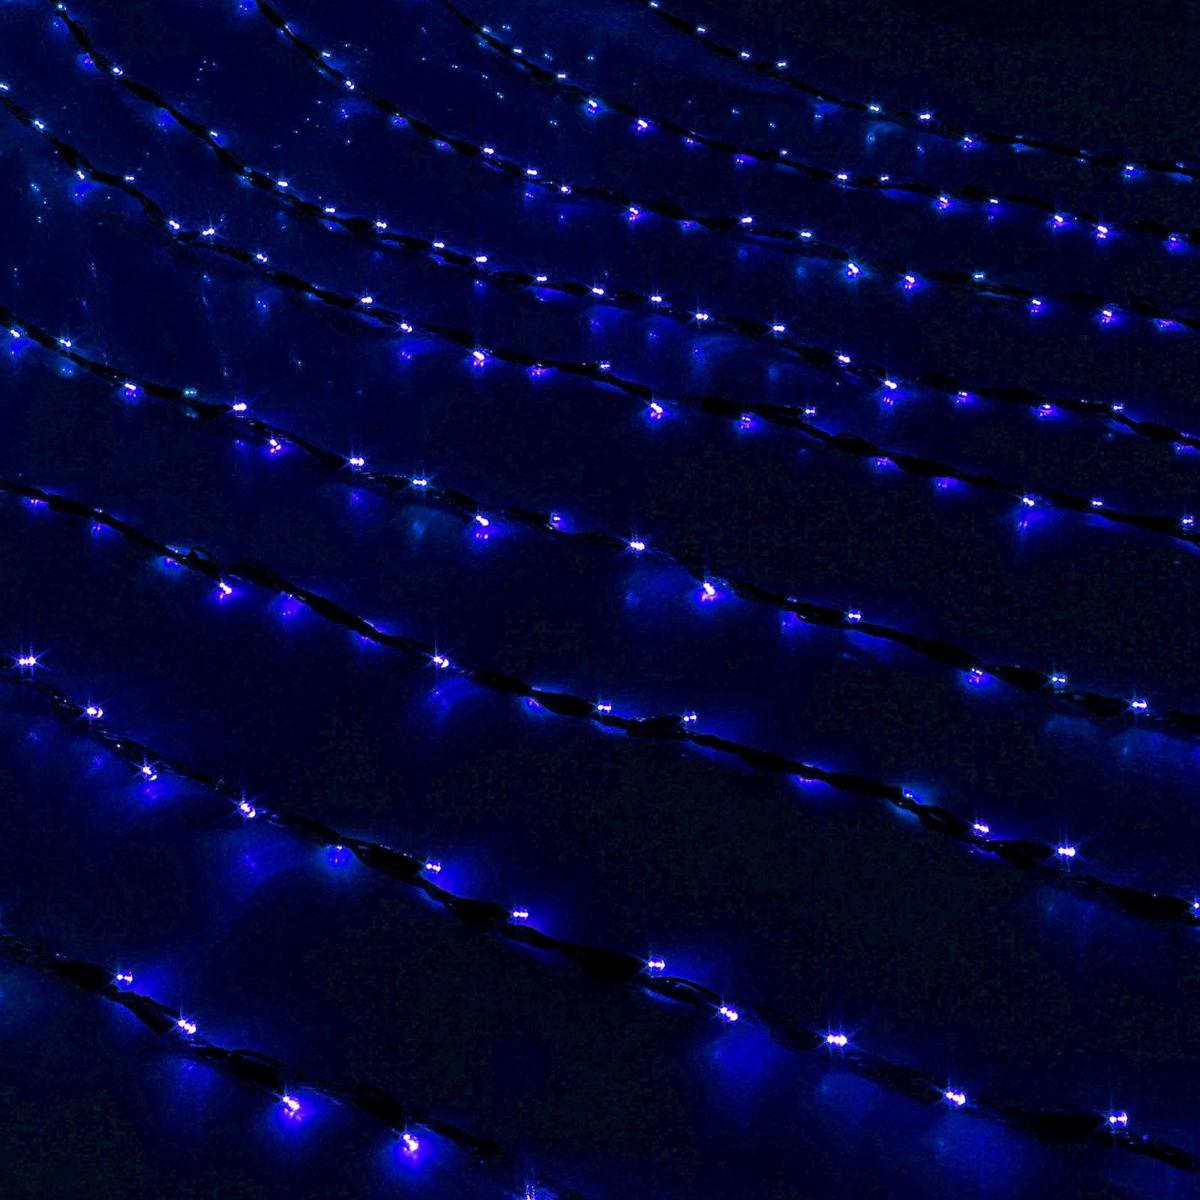 Гирлянда светодиодная Luazon Дождь, уличная, 8 режимов, 800 ламп, 220 V, цвет: синий, 2 х 3 м. 706340706340Светодиодные гирлянды, ленты и т.д — это отличный вариант для новогоднего оформления интерьера или фасада. С их помощью помещение любого размера можно превратить в праздничный зал, а внешние элементы зданий, украшенные ими, мгновенно станут напоминать очертания сказочного дворца. Такие украшения создают ауру предвкушения чуда. Деревья, фасады, витрины, окна и арки будто специально созданы, чтобы вы украсили их светящимися нитями.